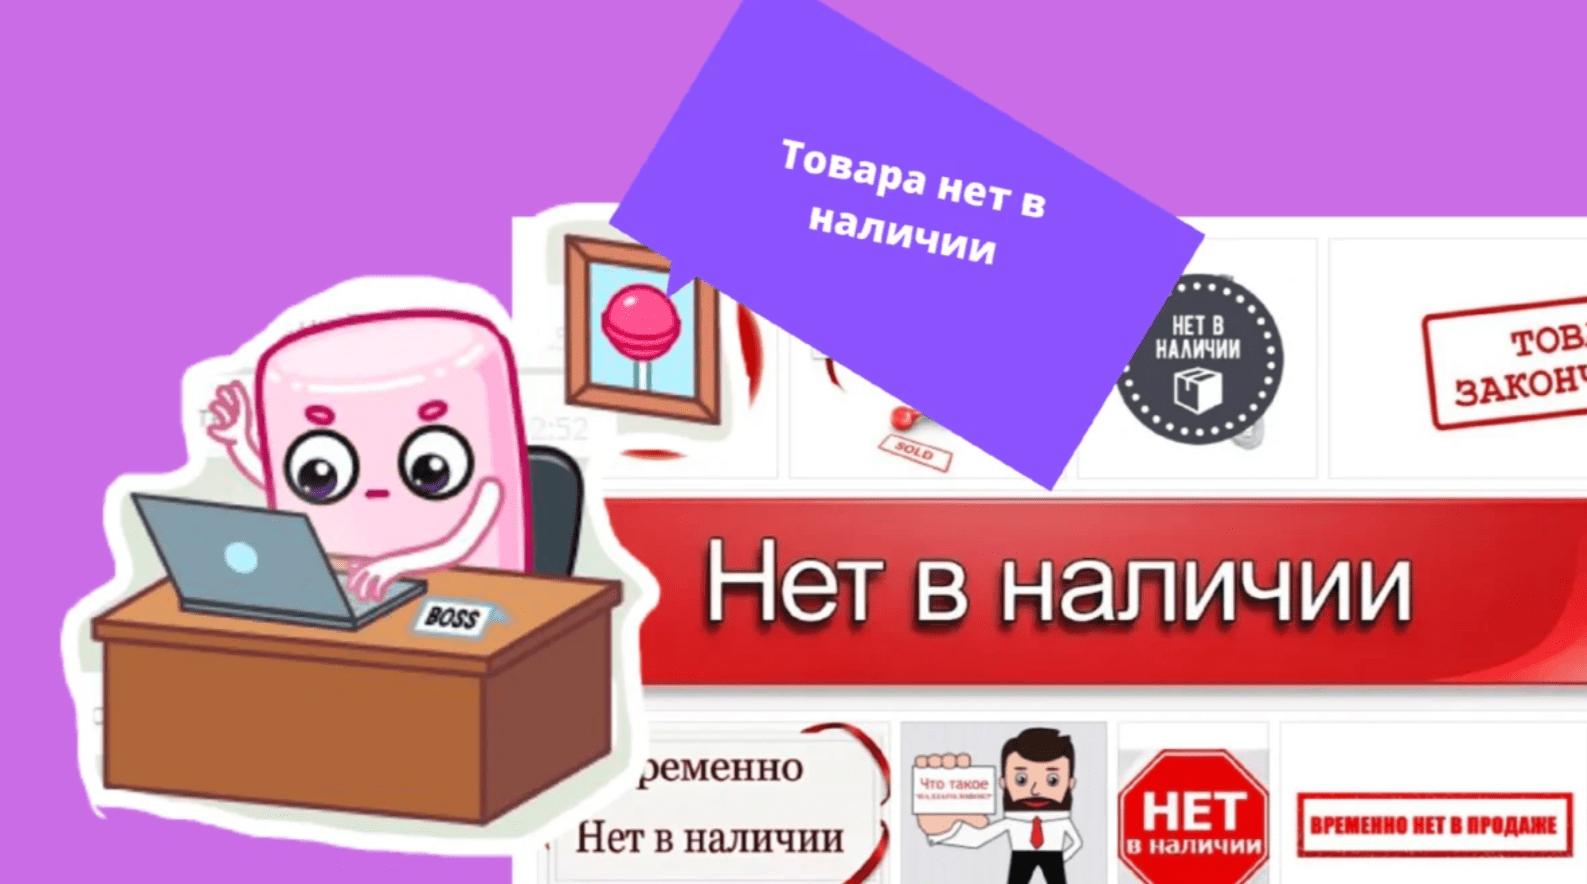 Товара нет в наличии: Что делать Интернет-магазину?